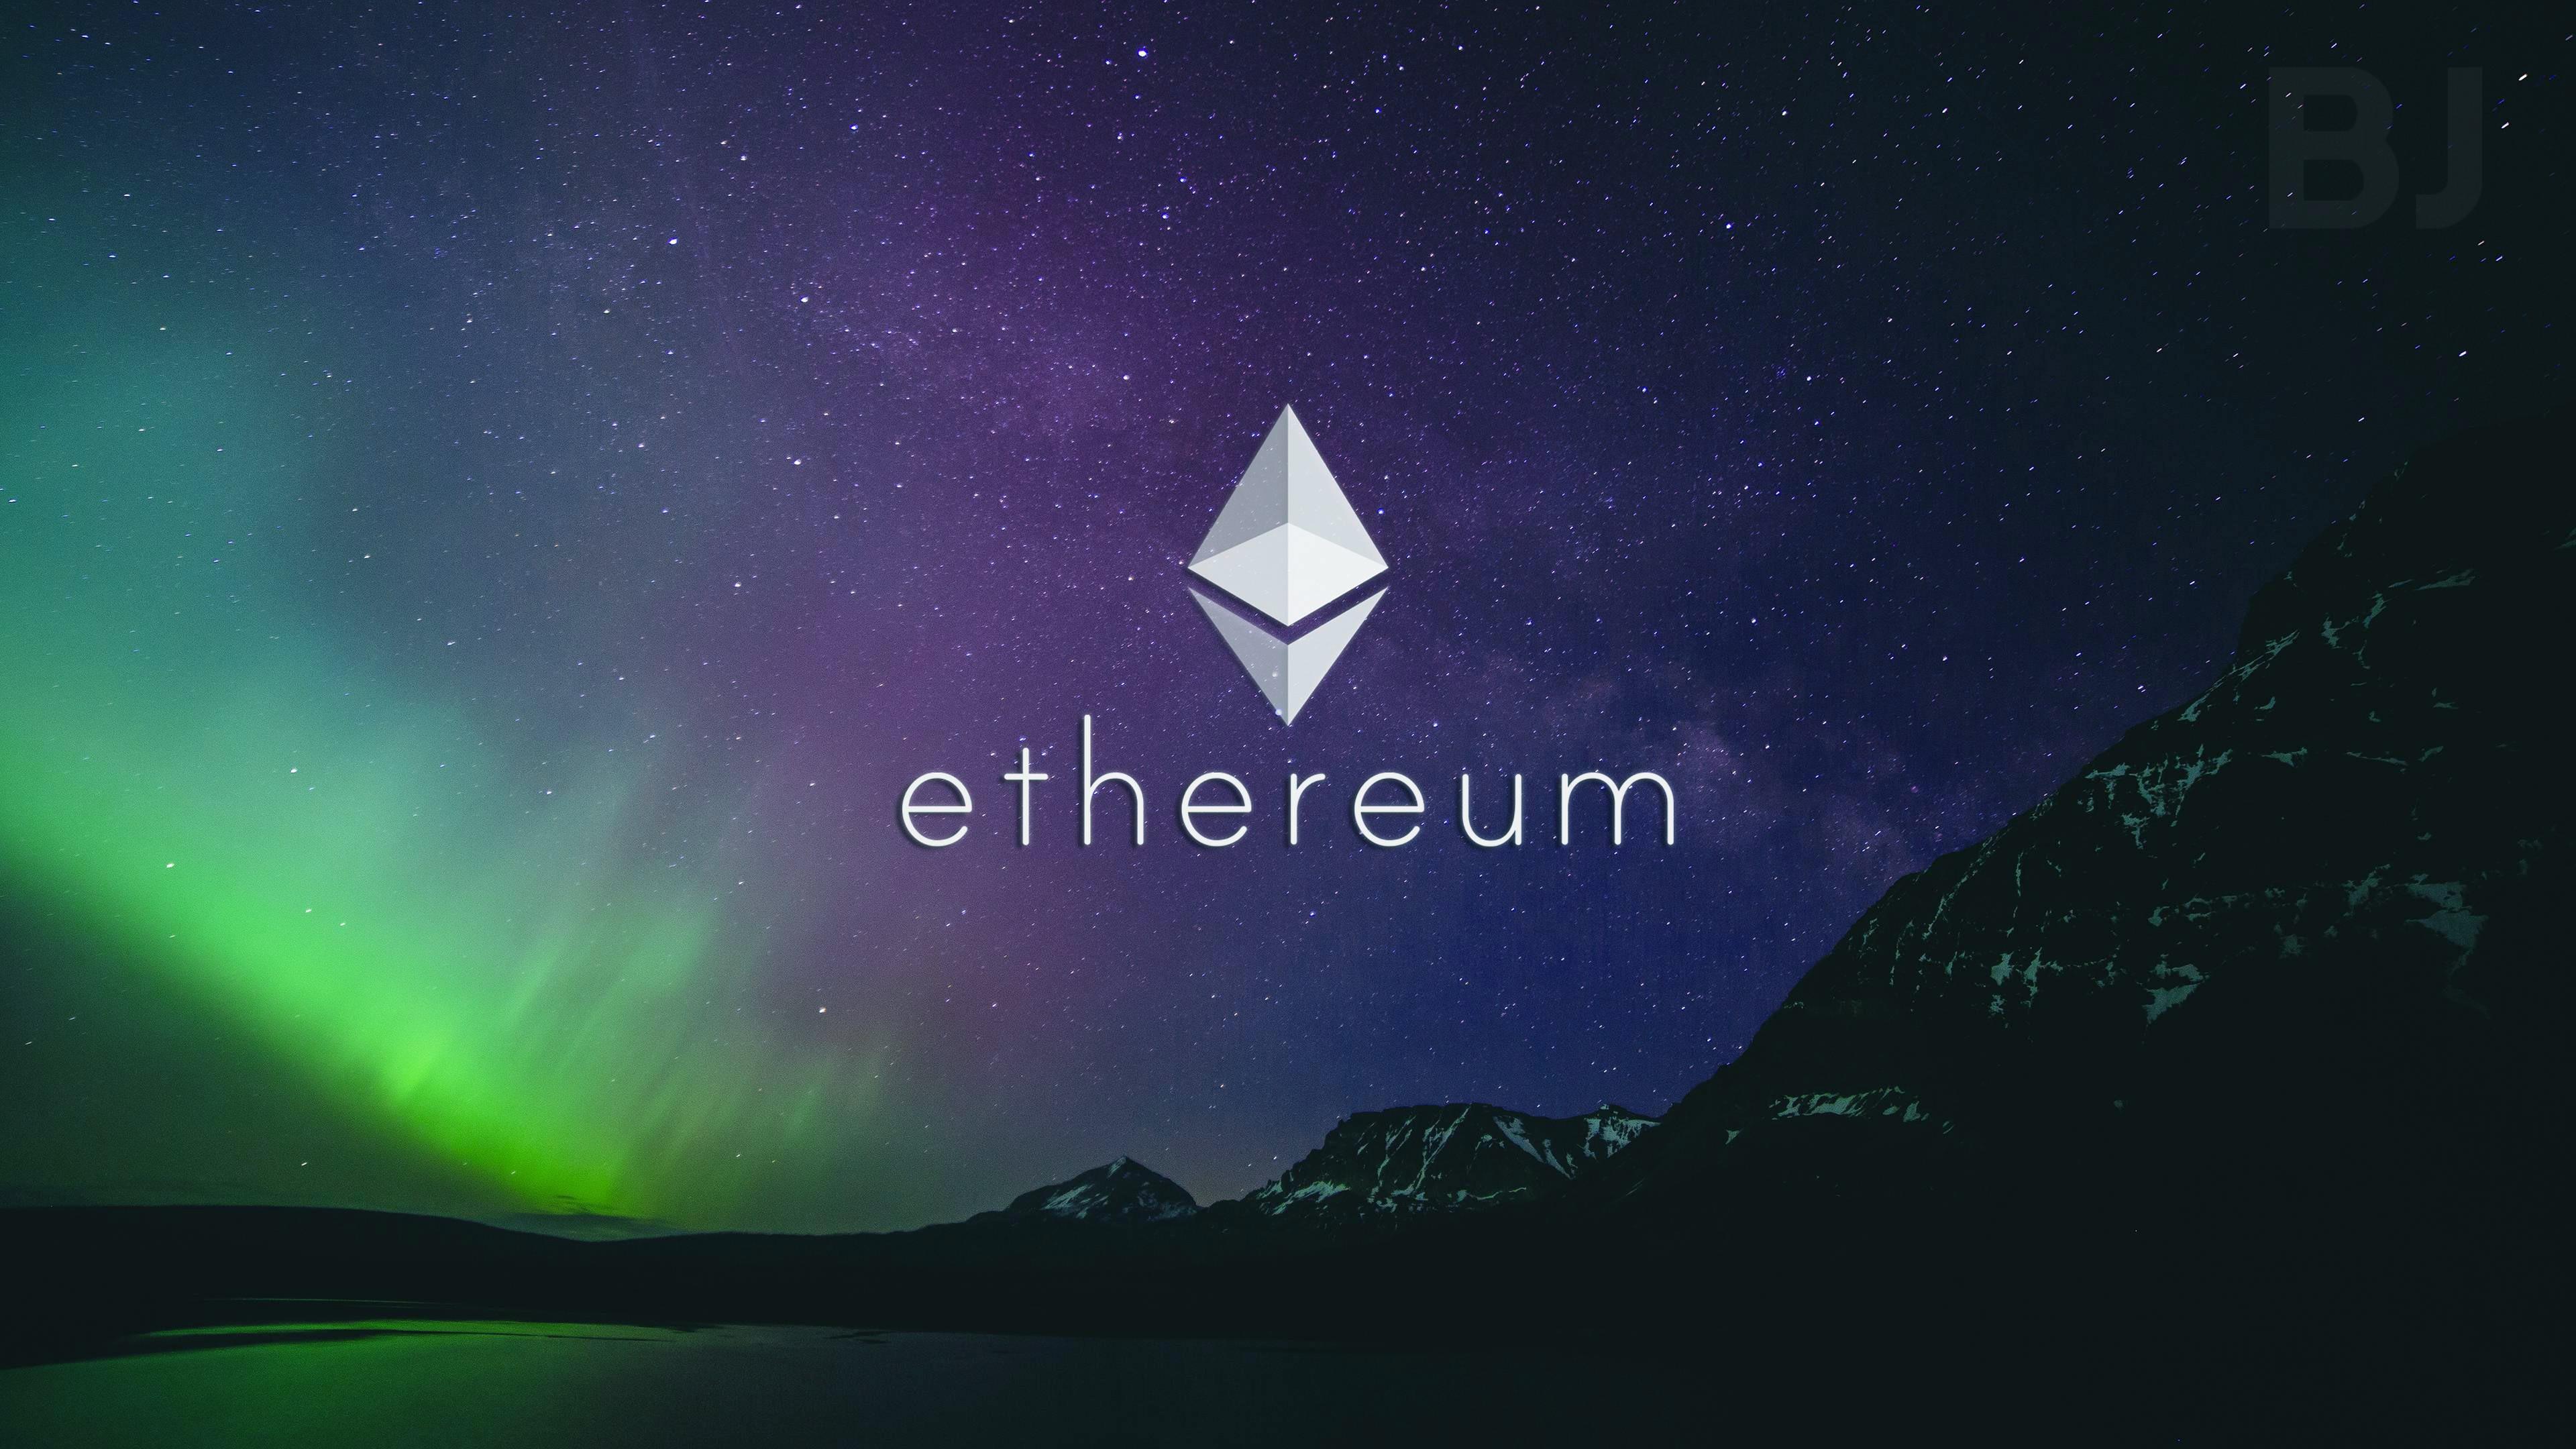 Курс Ethereum впервые превысил курс Bitcoin Cash